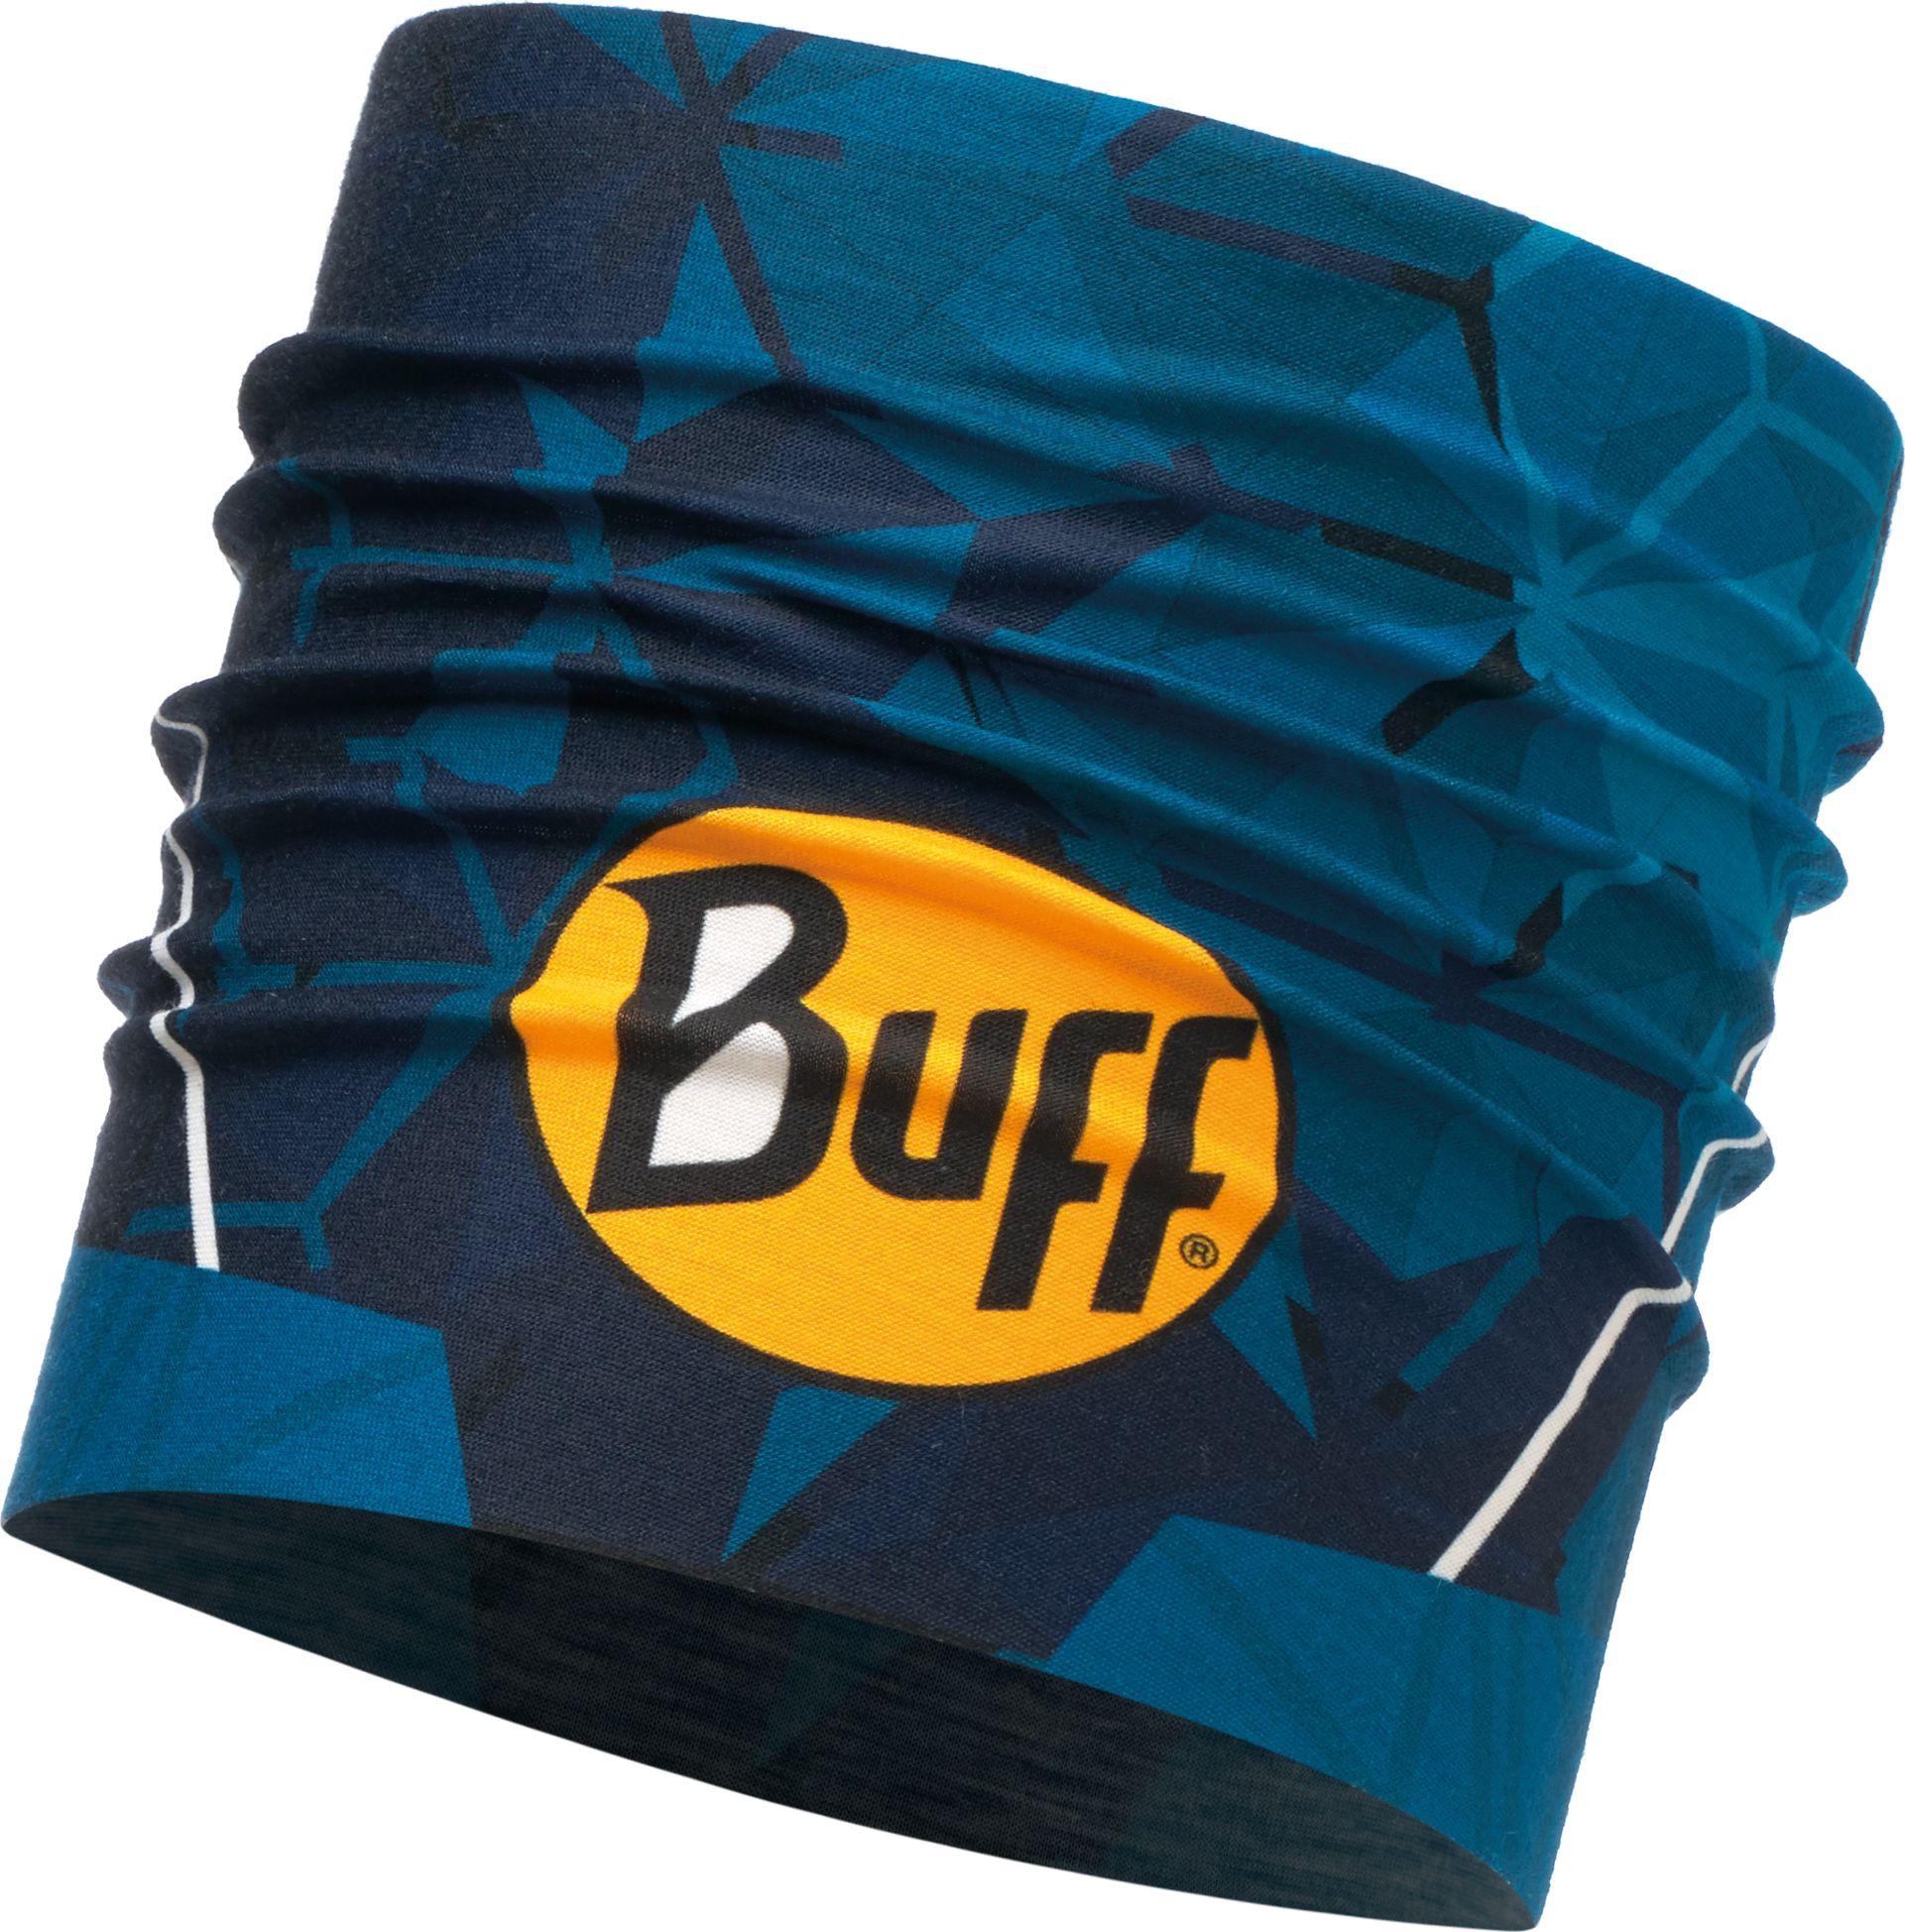 Повязка Buff UV Multifunctional Headwear Helix Ocean, цвет: темно-синий. 117183.737.10.00117183.737.10.00Спортивная повязка на голову Headband Buff это простое приспособление, которое уберет пот и волосы с вашего лица и глаз. Летнюю повязку на голову Buff изготавливают из особого материала Coolmax Extreme, который отведет излишнюю влагу и сохраняет вашу голову от перегрева, даже в самые жаркие летние дни. Модель можно использовать во время бега, игры в теннис или при любой другой аэробной нагрузке. Материалы и технологии: - светоотражающий рисунок (логотип) - ткань #Coolmax_Extreme# - защита #UVProtection# - естественные свойства материала предотвращают появление неприятного запаха с применением технологии #POLYGIENE# - связана по круговой технологии, поэтому не имеет швов. - материал:100% полиэстер Особенности: - превосходная воздухопроницаемость и контроль влажности - легкий вес - прекрасно держится на голове и не спадает при любой степени активности. - сертификат OEKO-TEX standart 100:независимая система проверки продукции на всех стадиях производства - толщина: 1 мм - размер:55-62 см (взрослые), 24,5 x 9,4 см - вес:15 г.